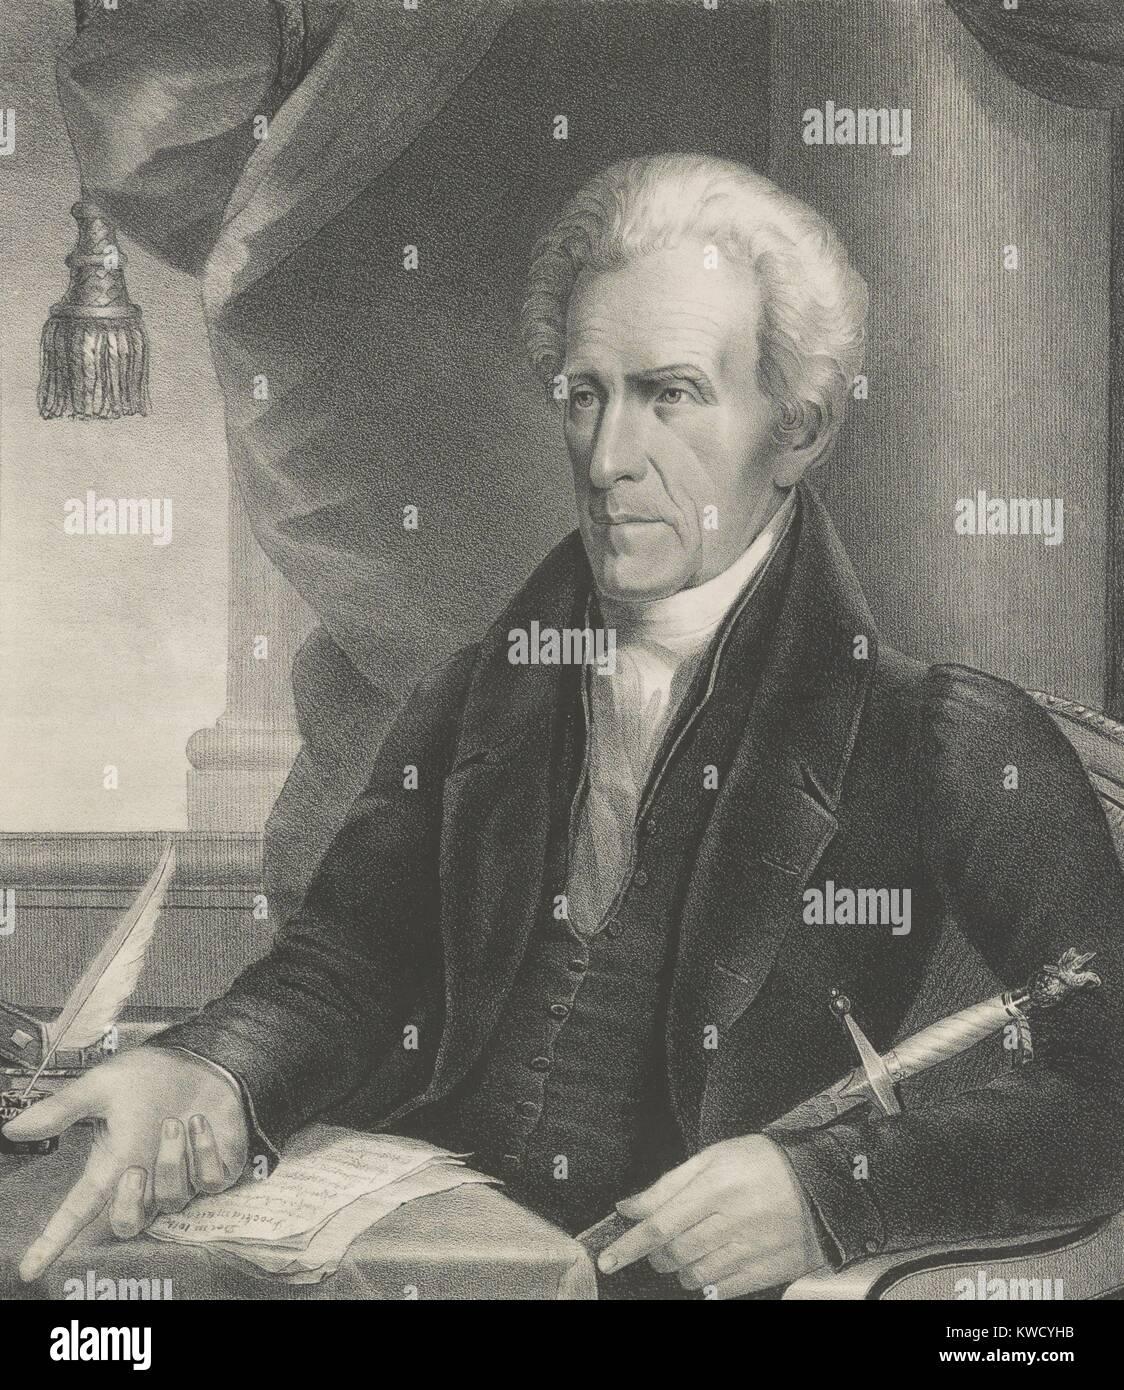 President Andrew Jackson, 1833 print by Ezra Bisbee (BSLOC_2017_6_13) - Stock Image